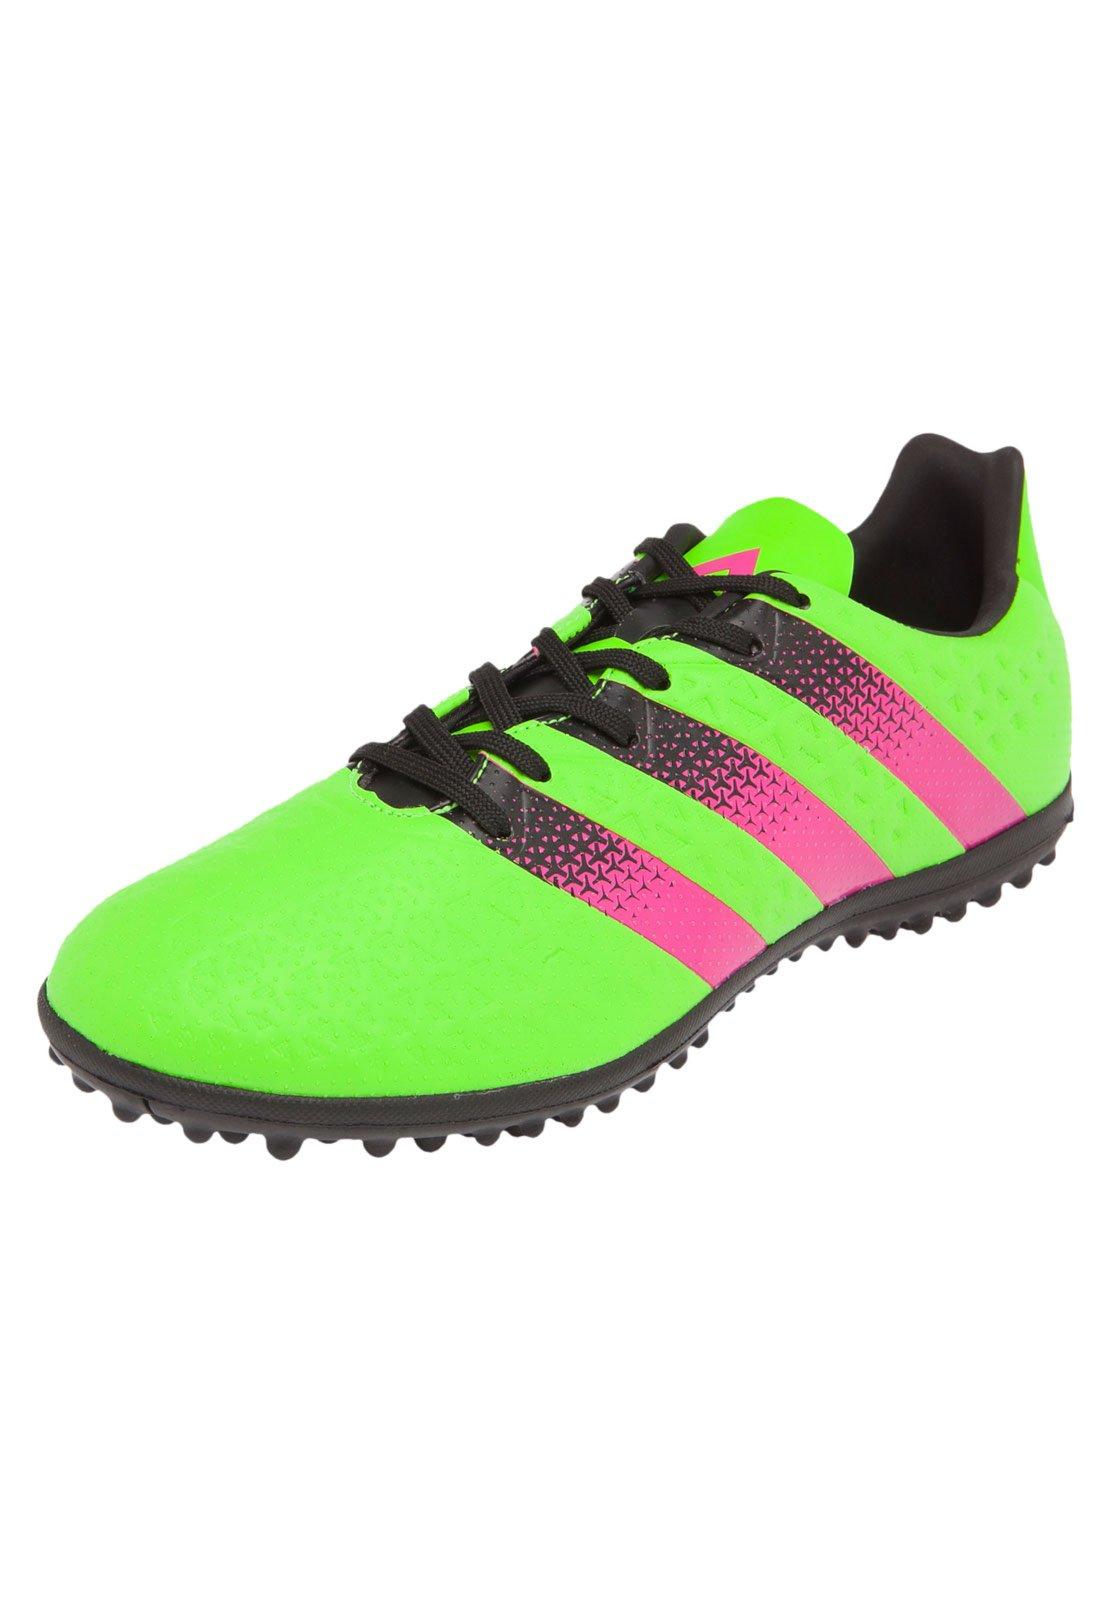 chuteira adidas rosa e verde